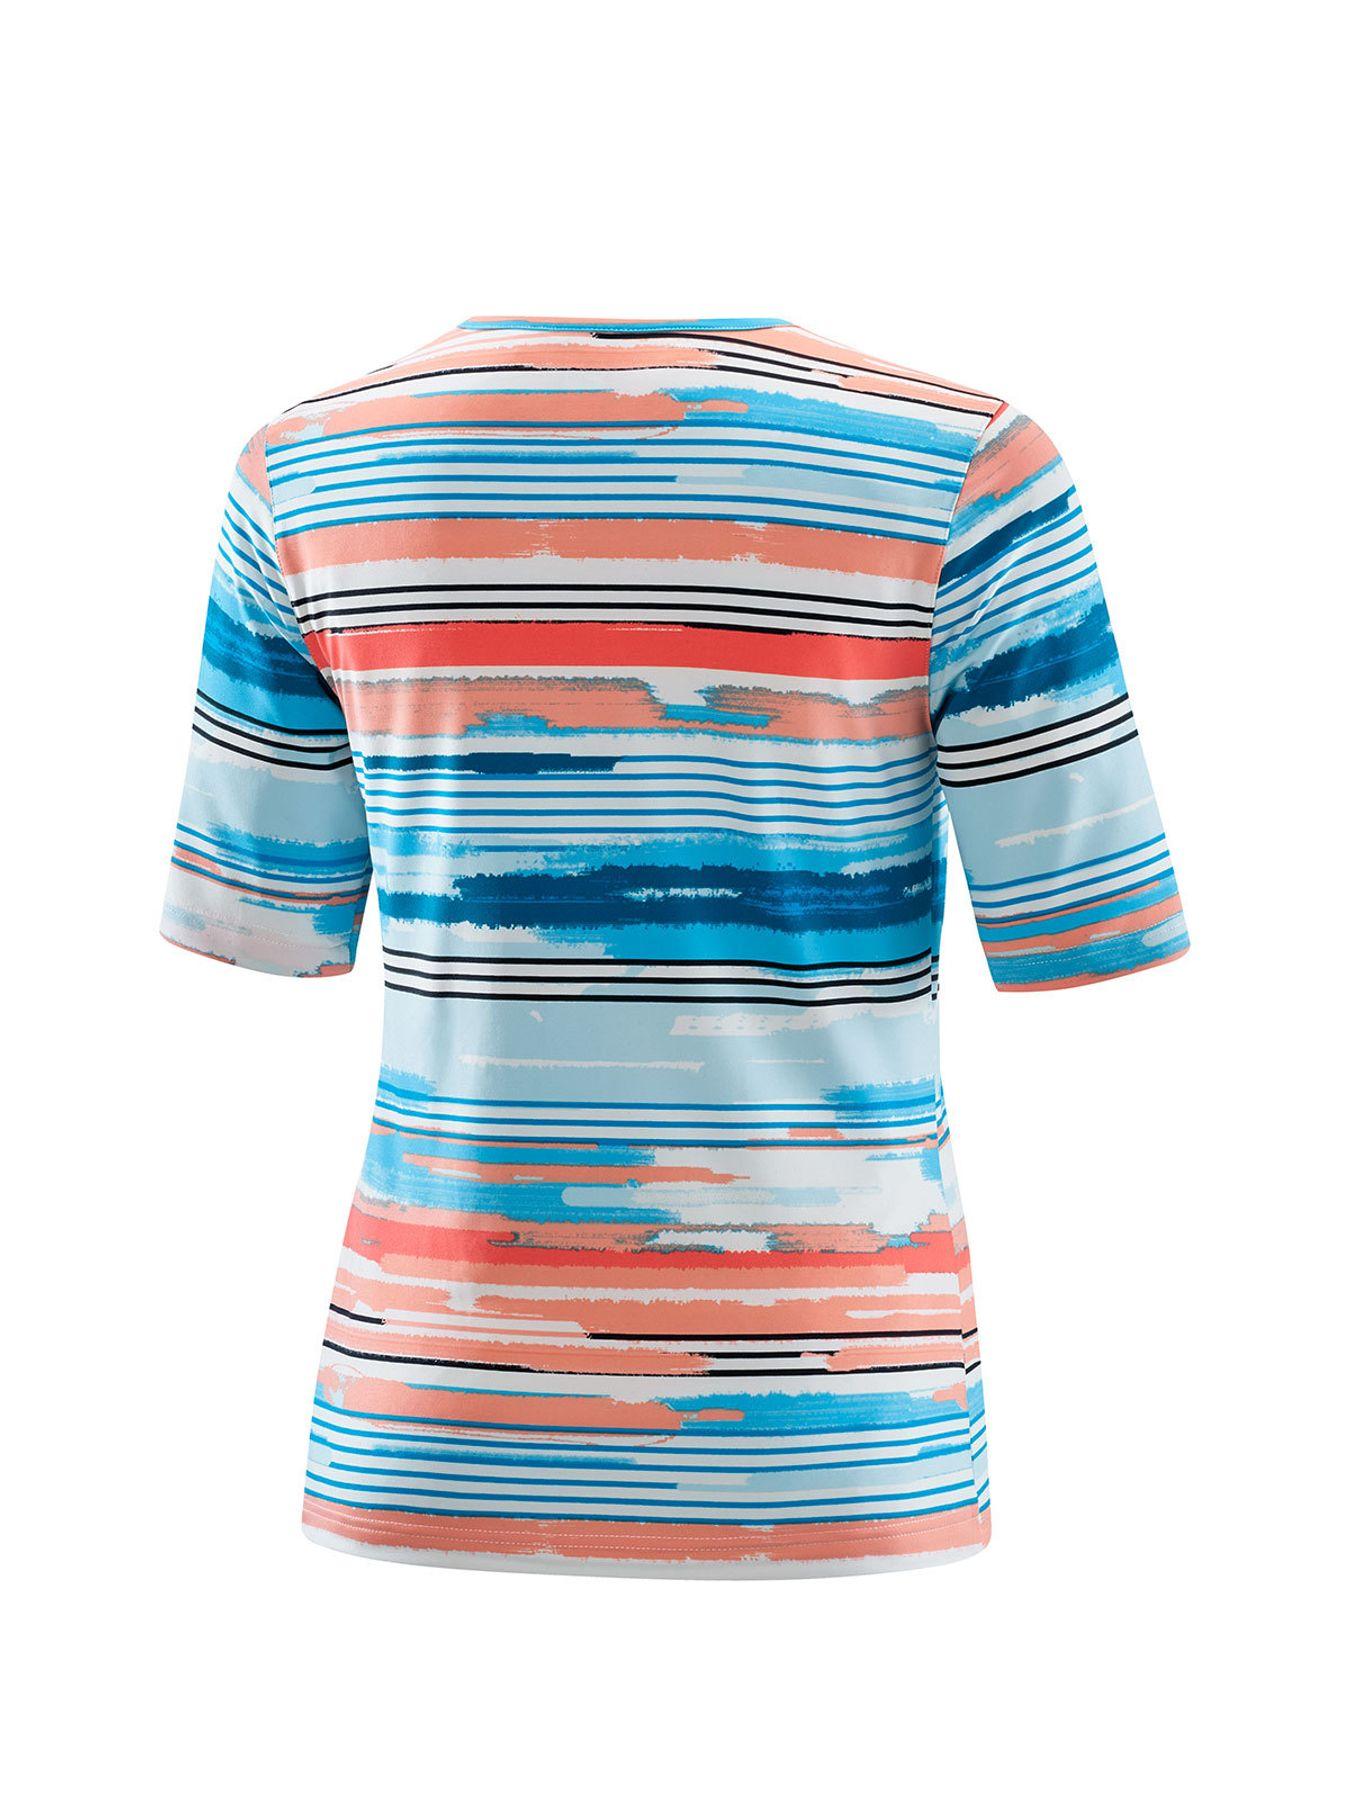 Joy - Damen Sport und Freizeit Shirt mit Streifen-Alloverprint, Alessa (30170A) – Bild 5